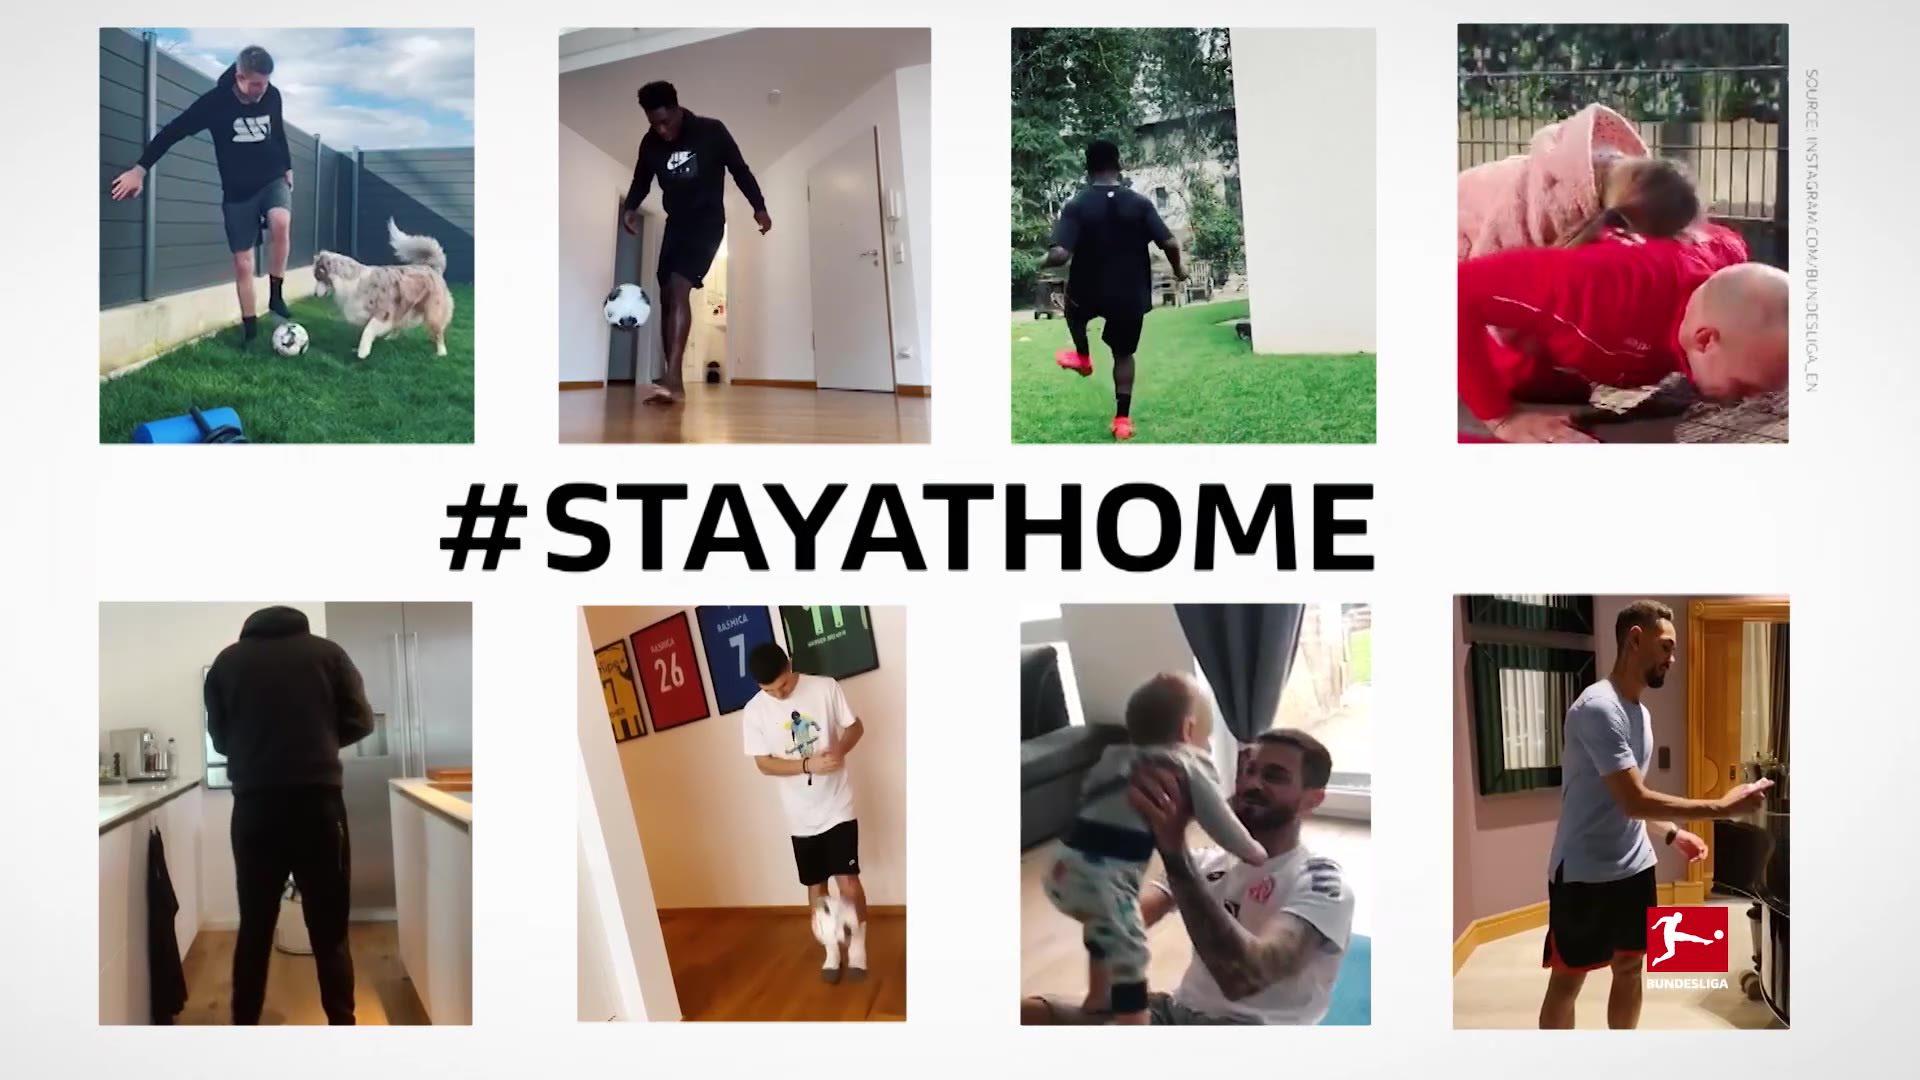 #stayathome: Jeder für sich, aber alle gemeinsam